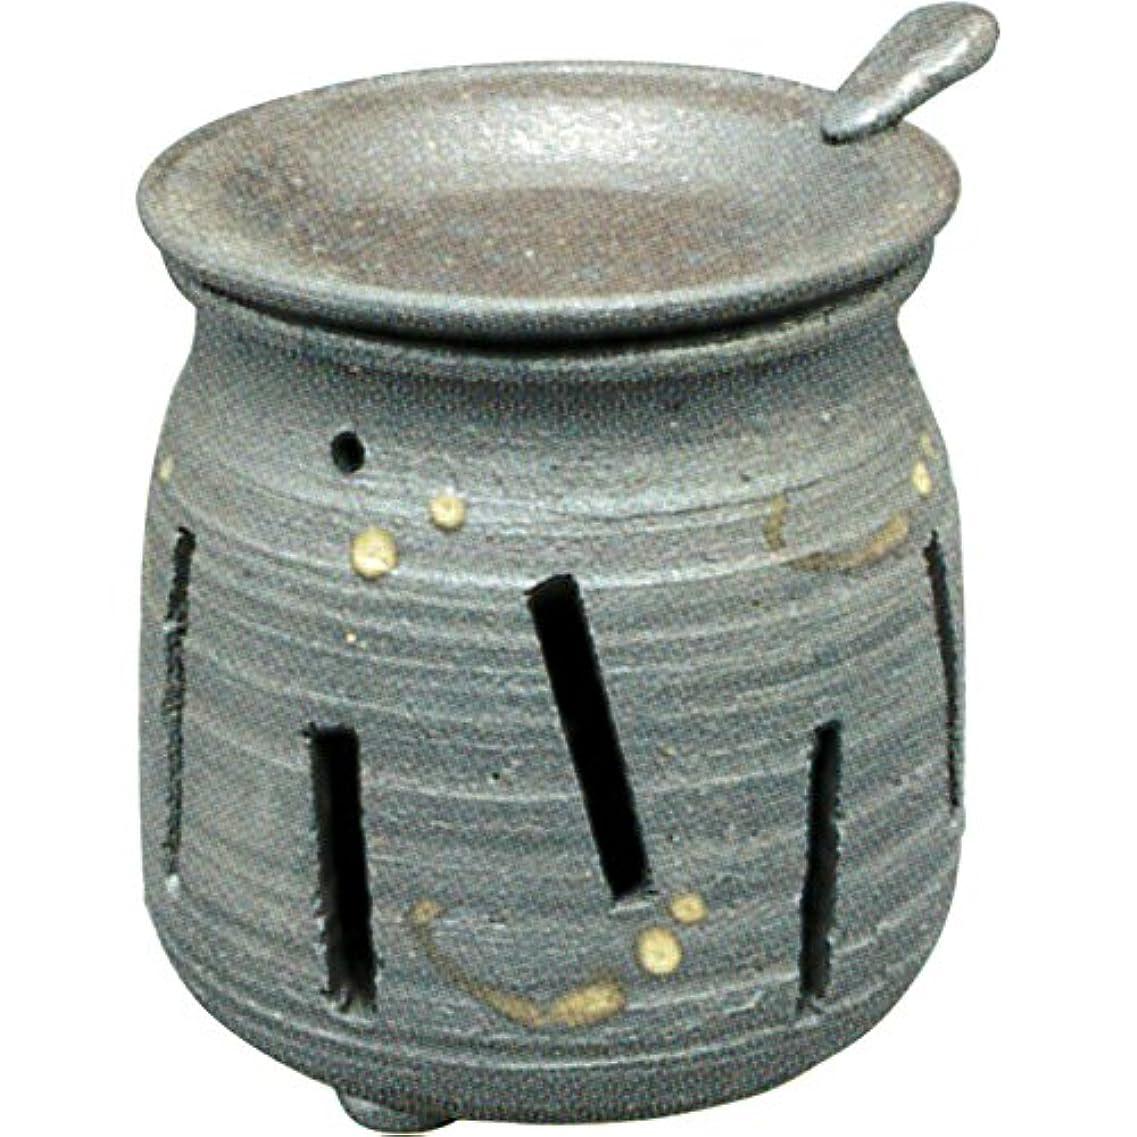 メイエラソフィー生き物常滑焼 : 焜清 茶香炉 ル36-05